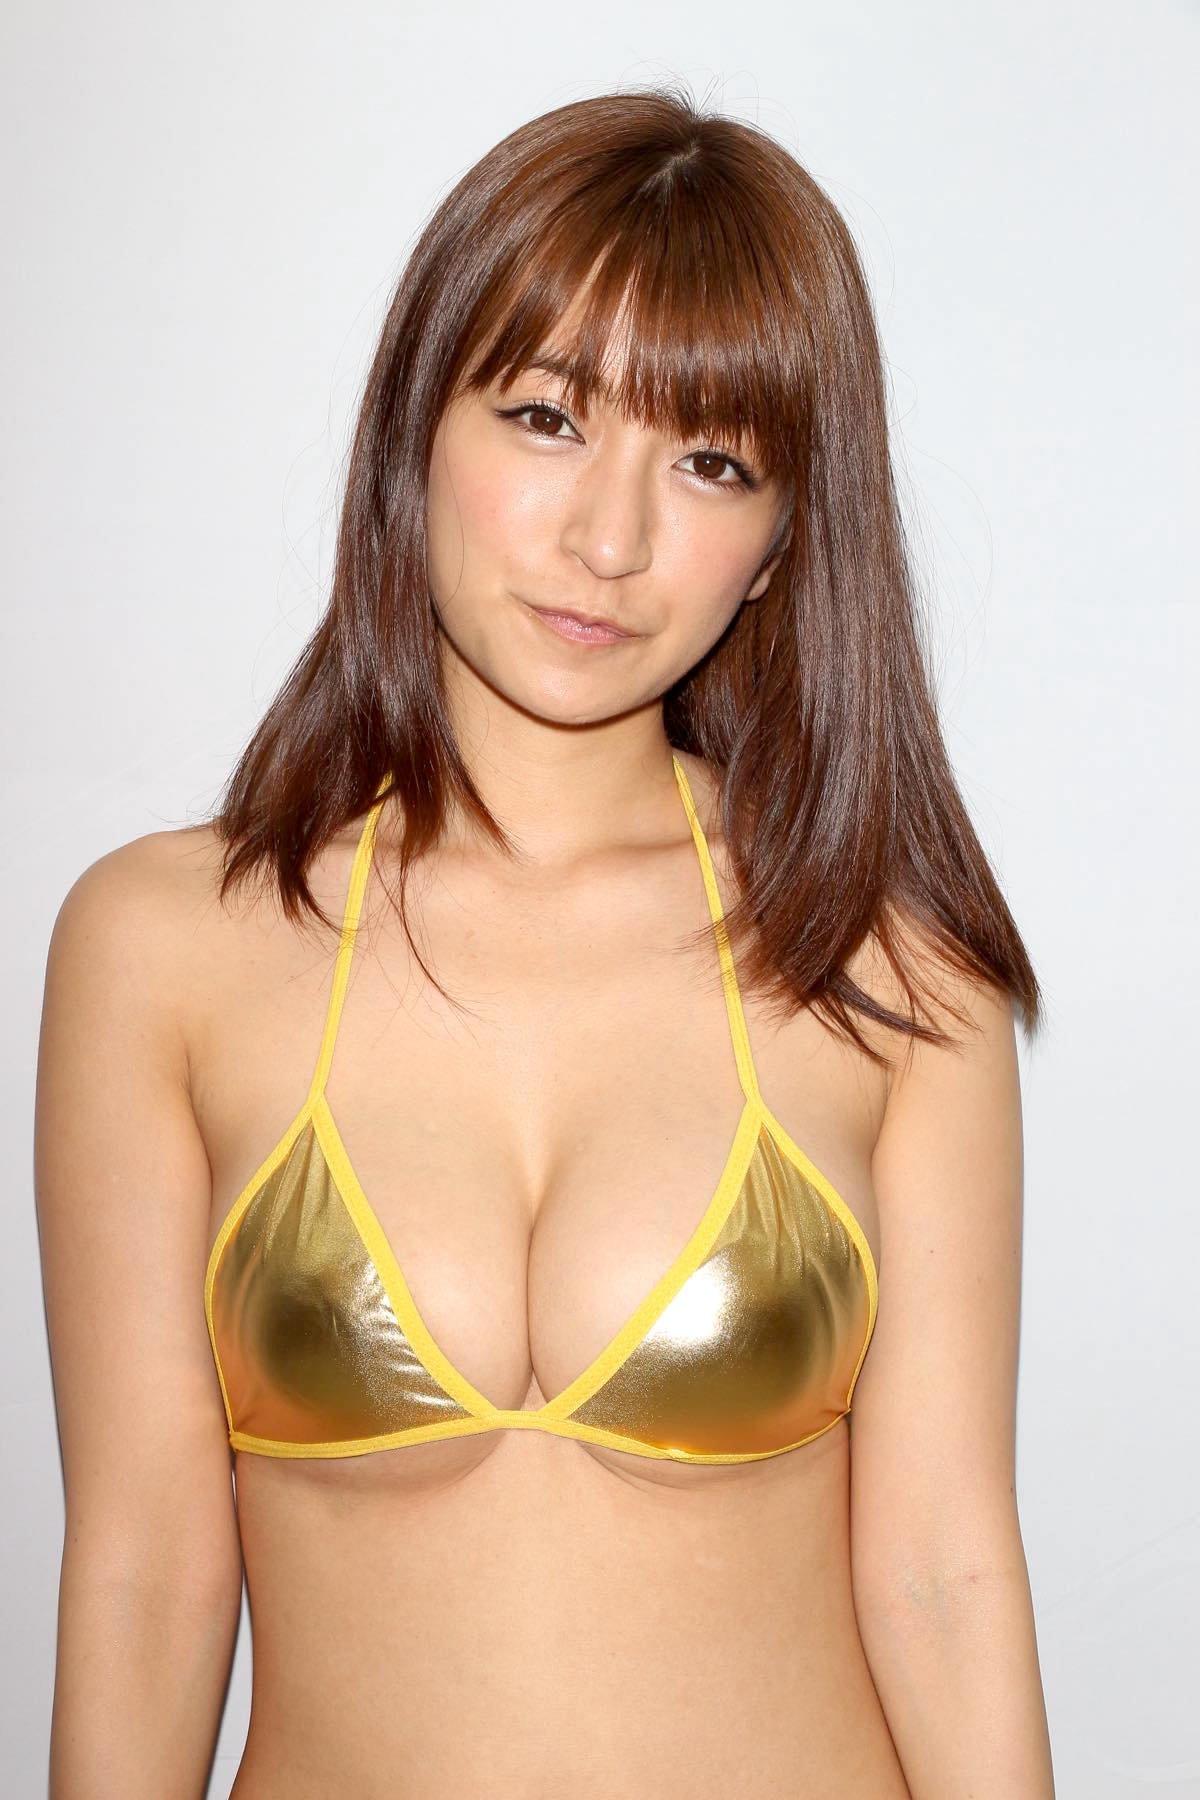 ☆HOSHINO「色気がダダ漏れ」衝撃的セクシーさで攻める!【写真25枚】の画像008